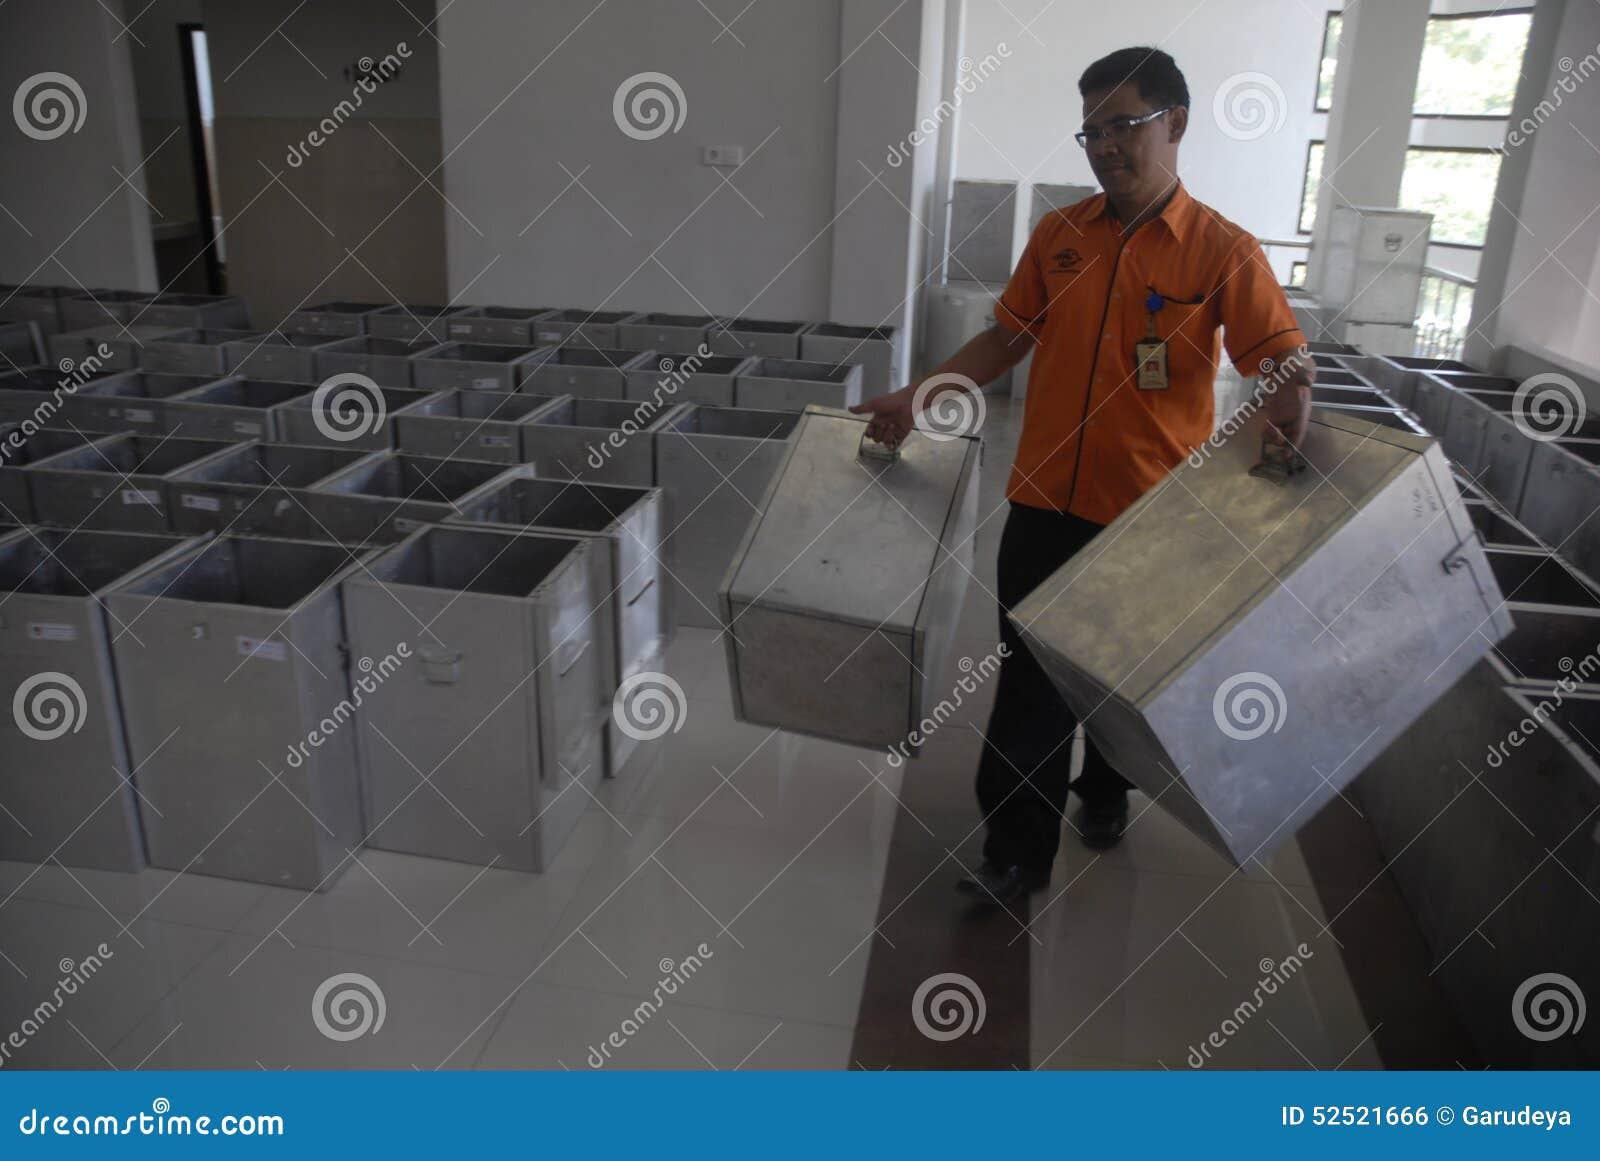 MONEY POLITICS INDONESIAN DEMOCRACY